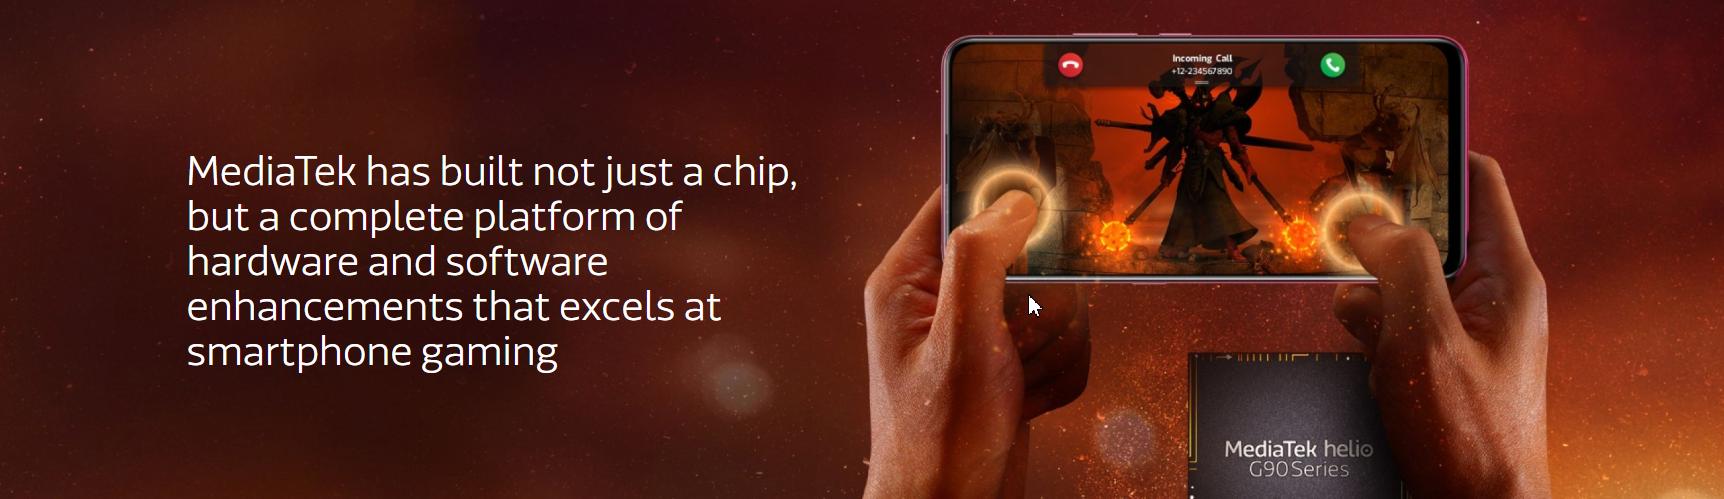 MediaTek's new G90 series chipset.